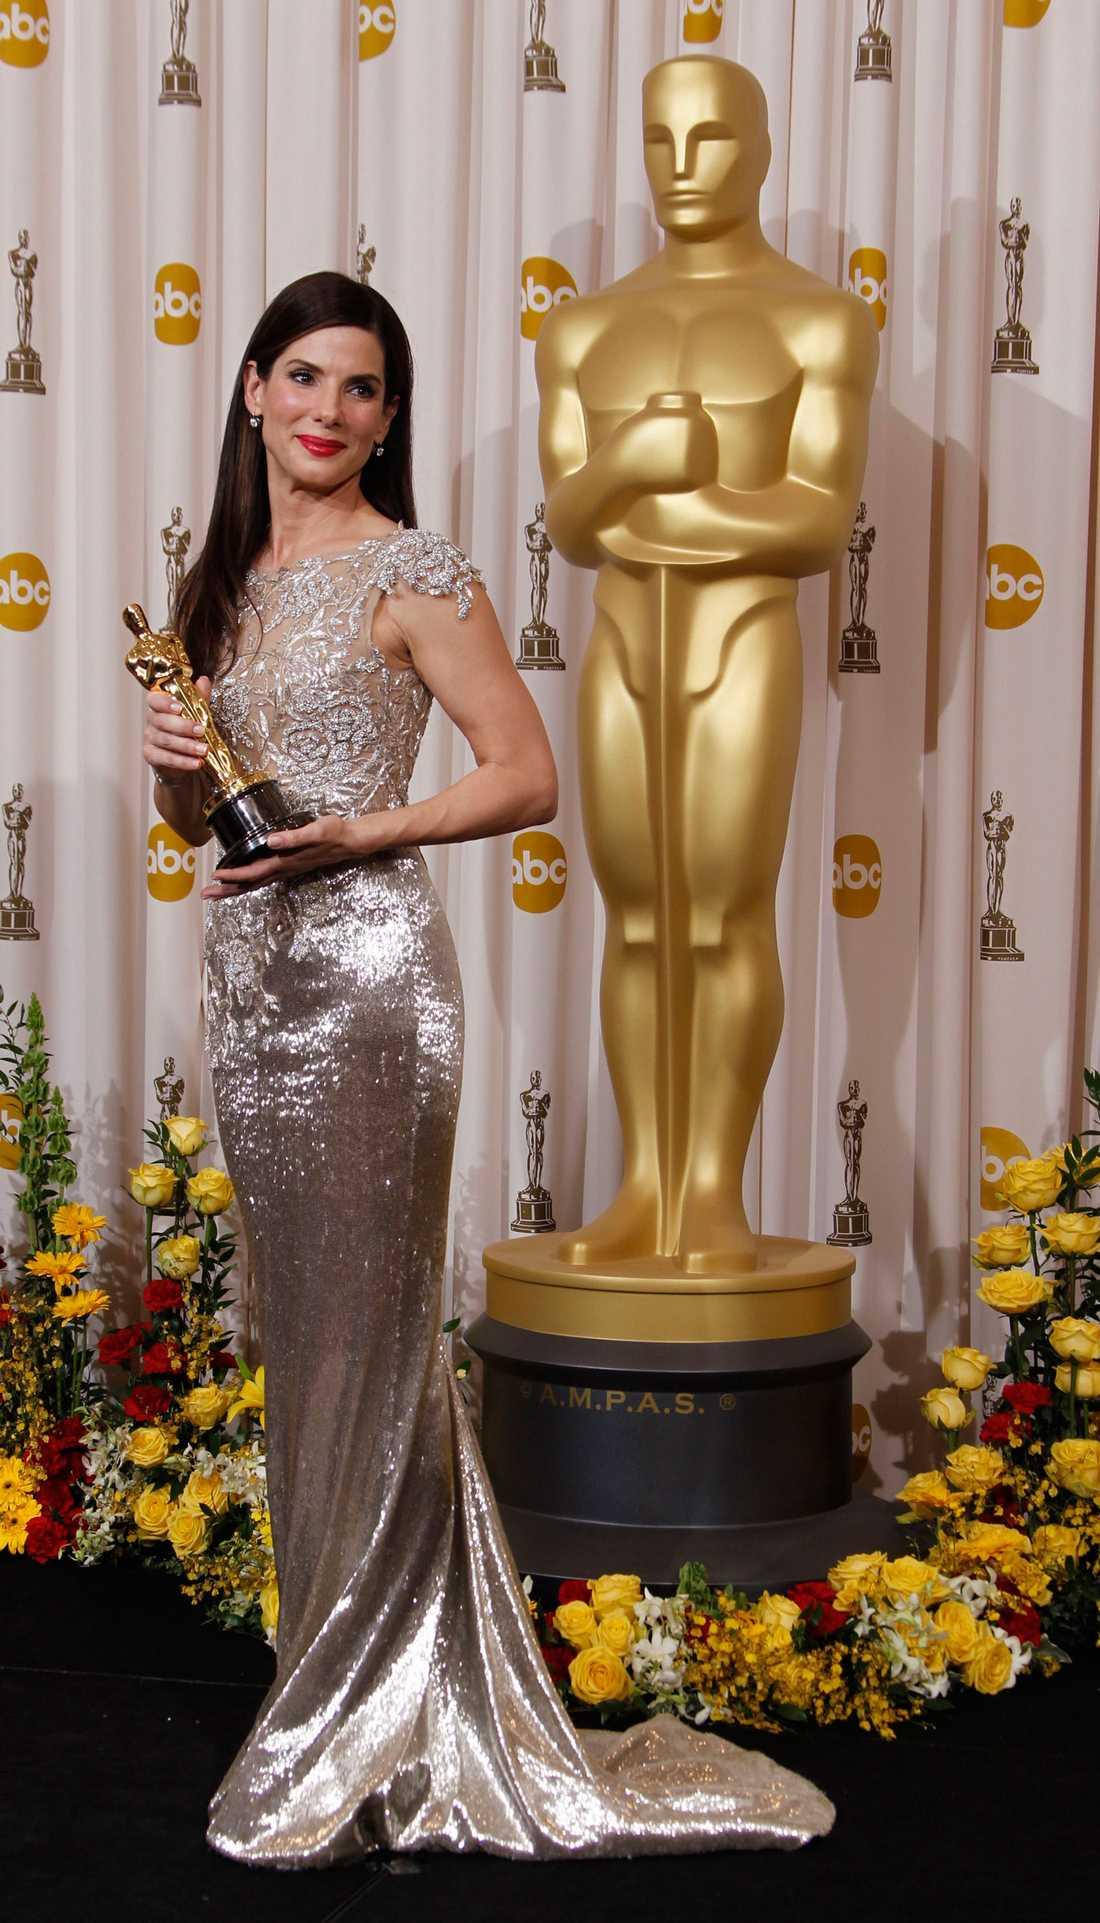 """Sandra Bullock 2010 """"Ibland blir en klänning så rätt att det nästan blir komiskt. De här guldiga kreationen från Marchesa gjorde att Bullock såg ut som en tvilling till statyetten i sin hand. Hon liksom smälte samman med Oscarsgubben och det kändes som att hon visste att hon skulle vinna med denna lycko-guld-klänning!"""""""